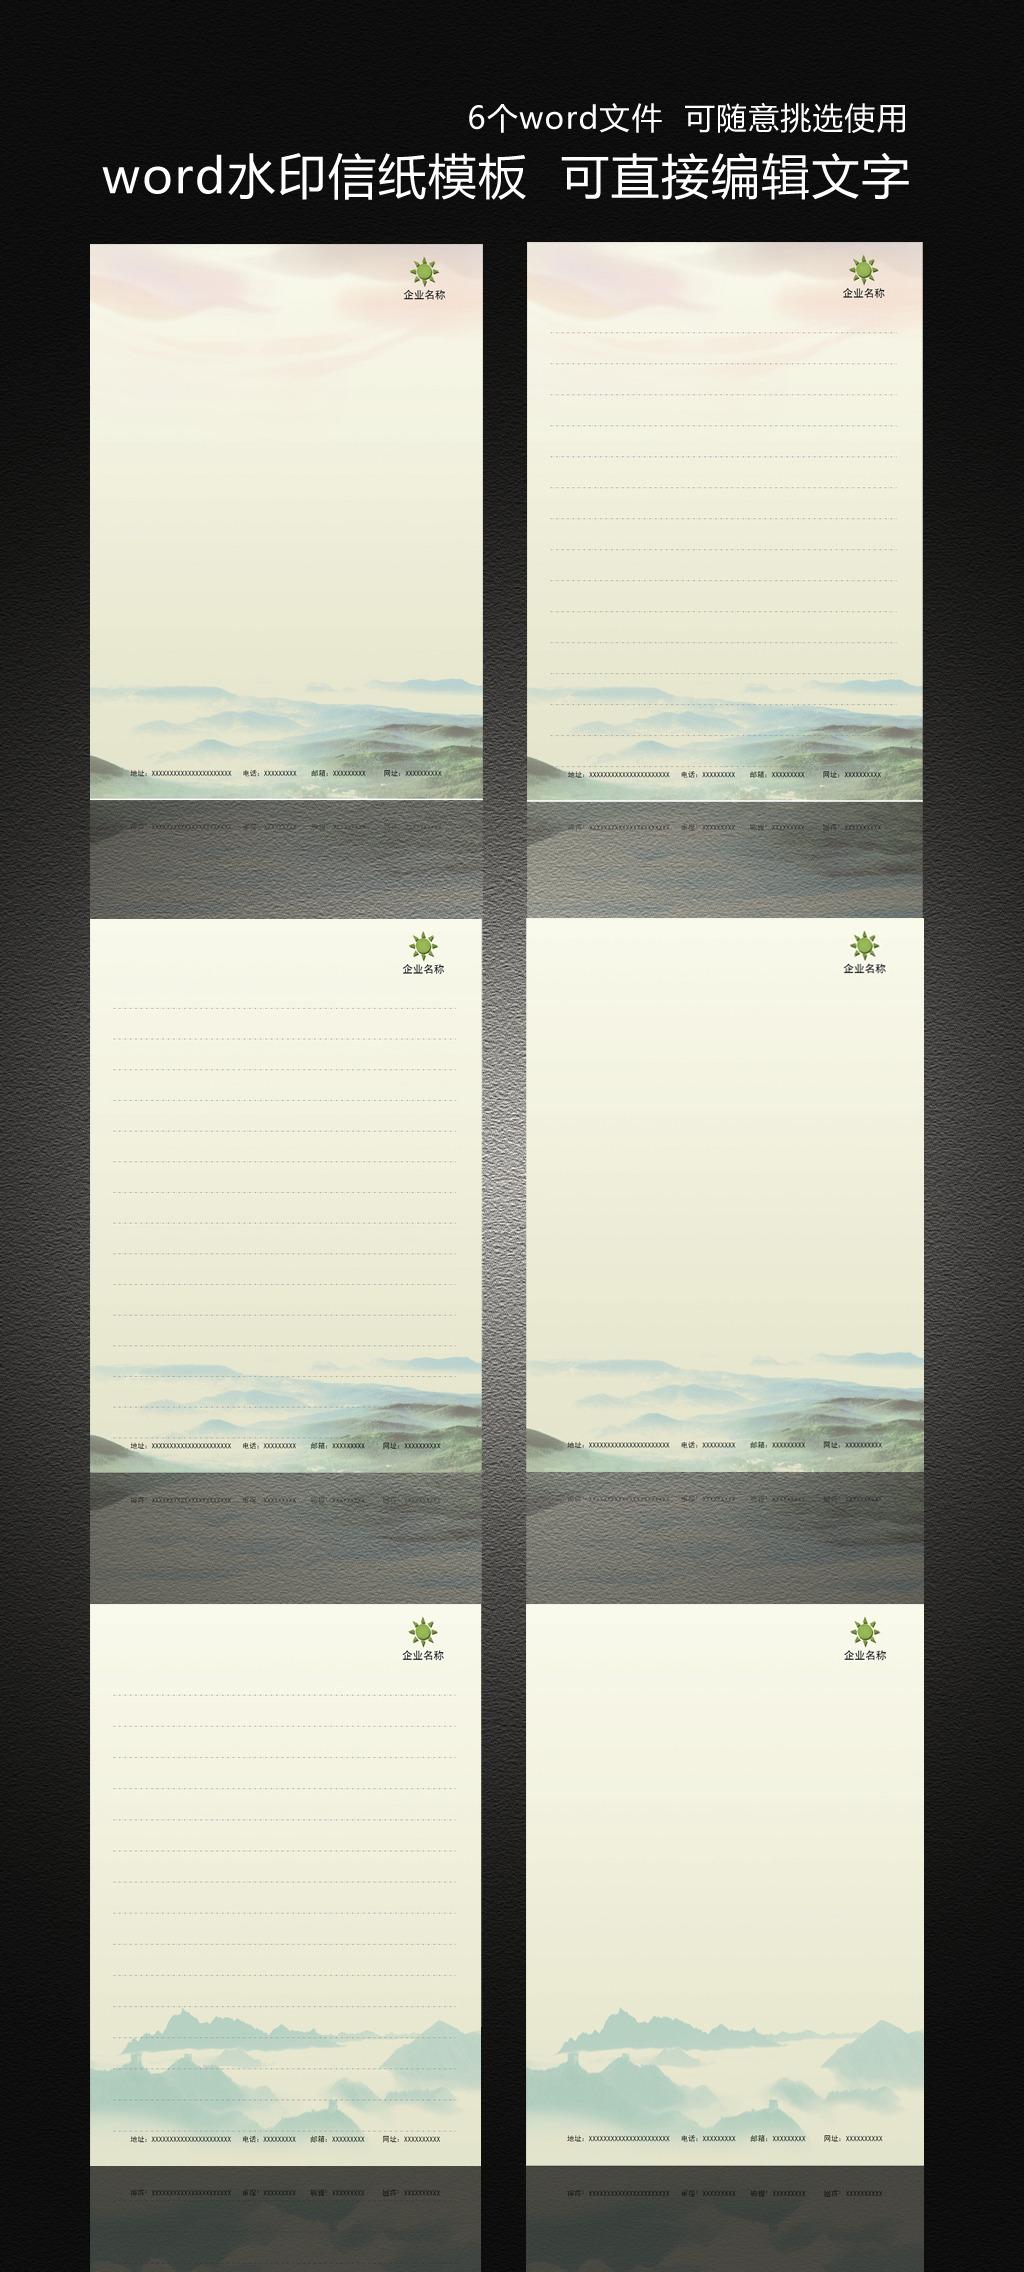 word信纸背景模板 风景信纸模板